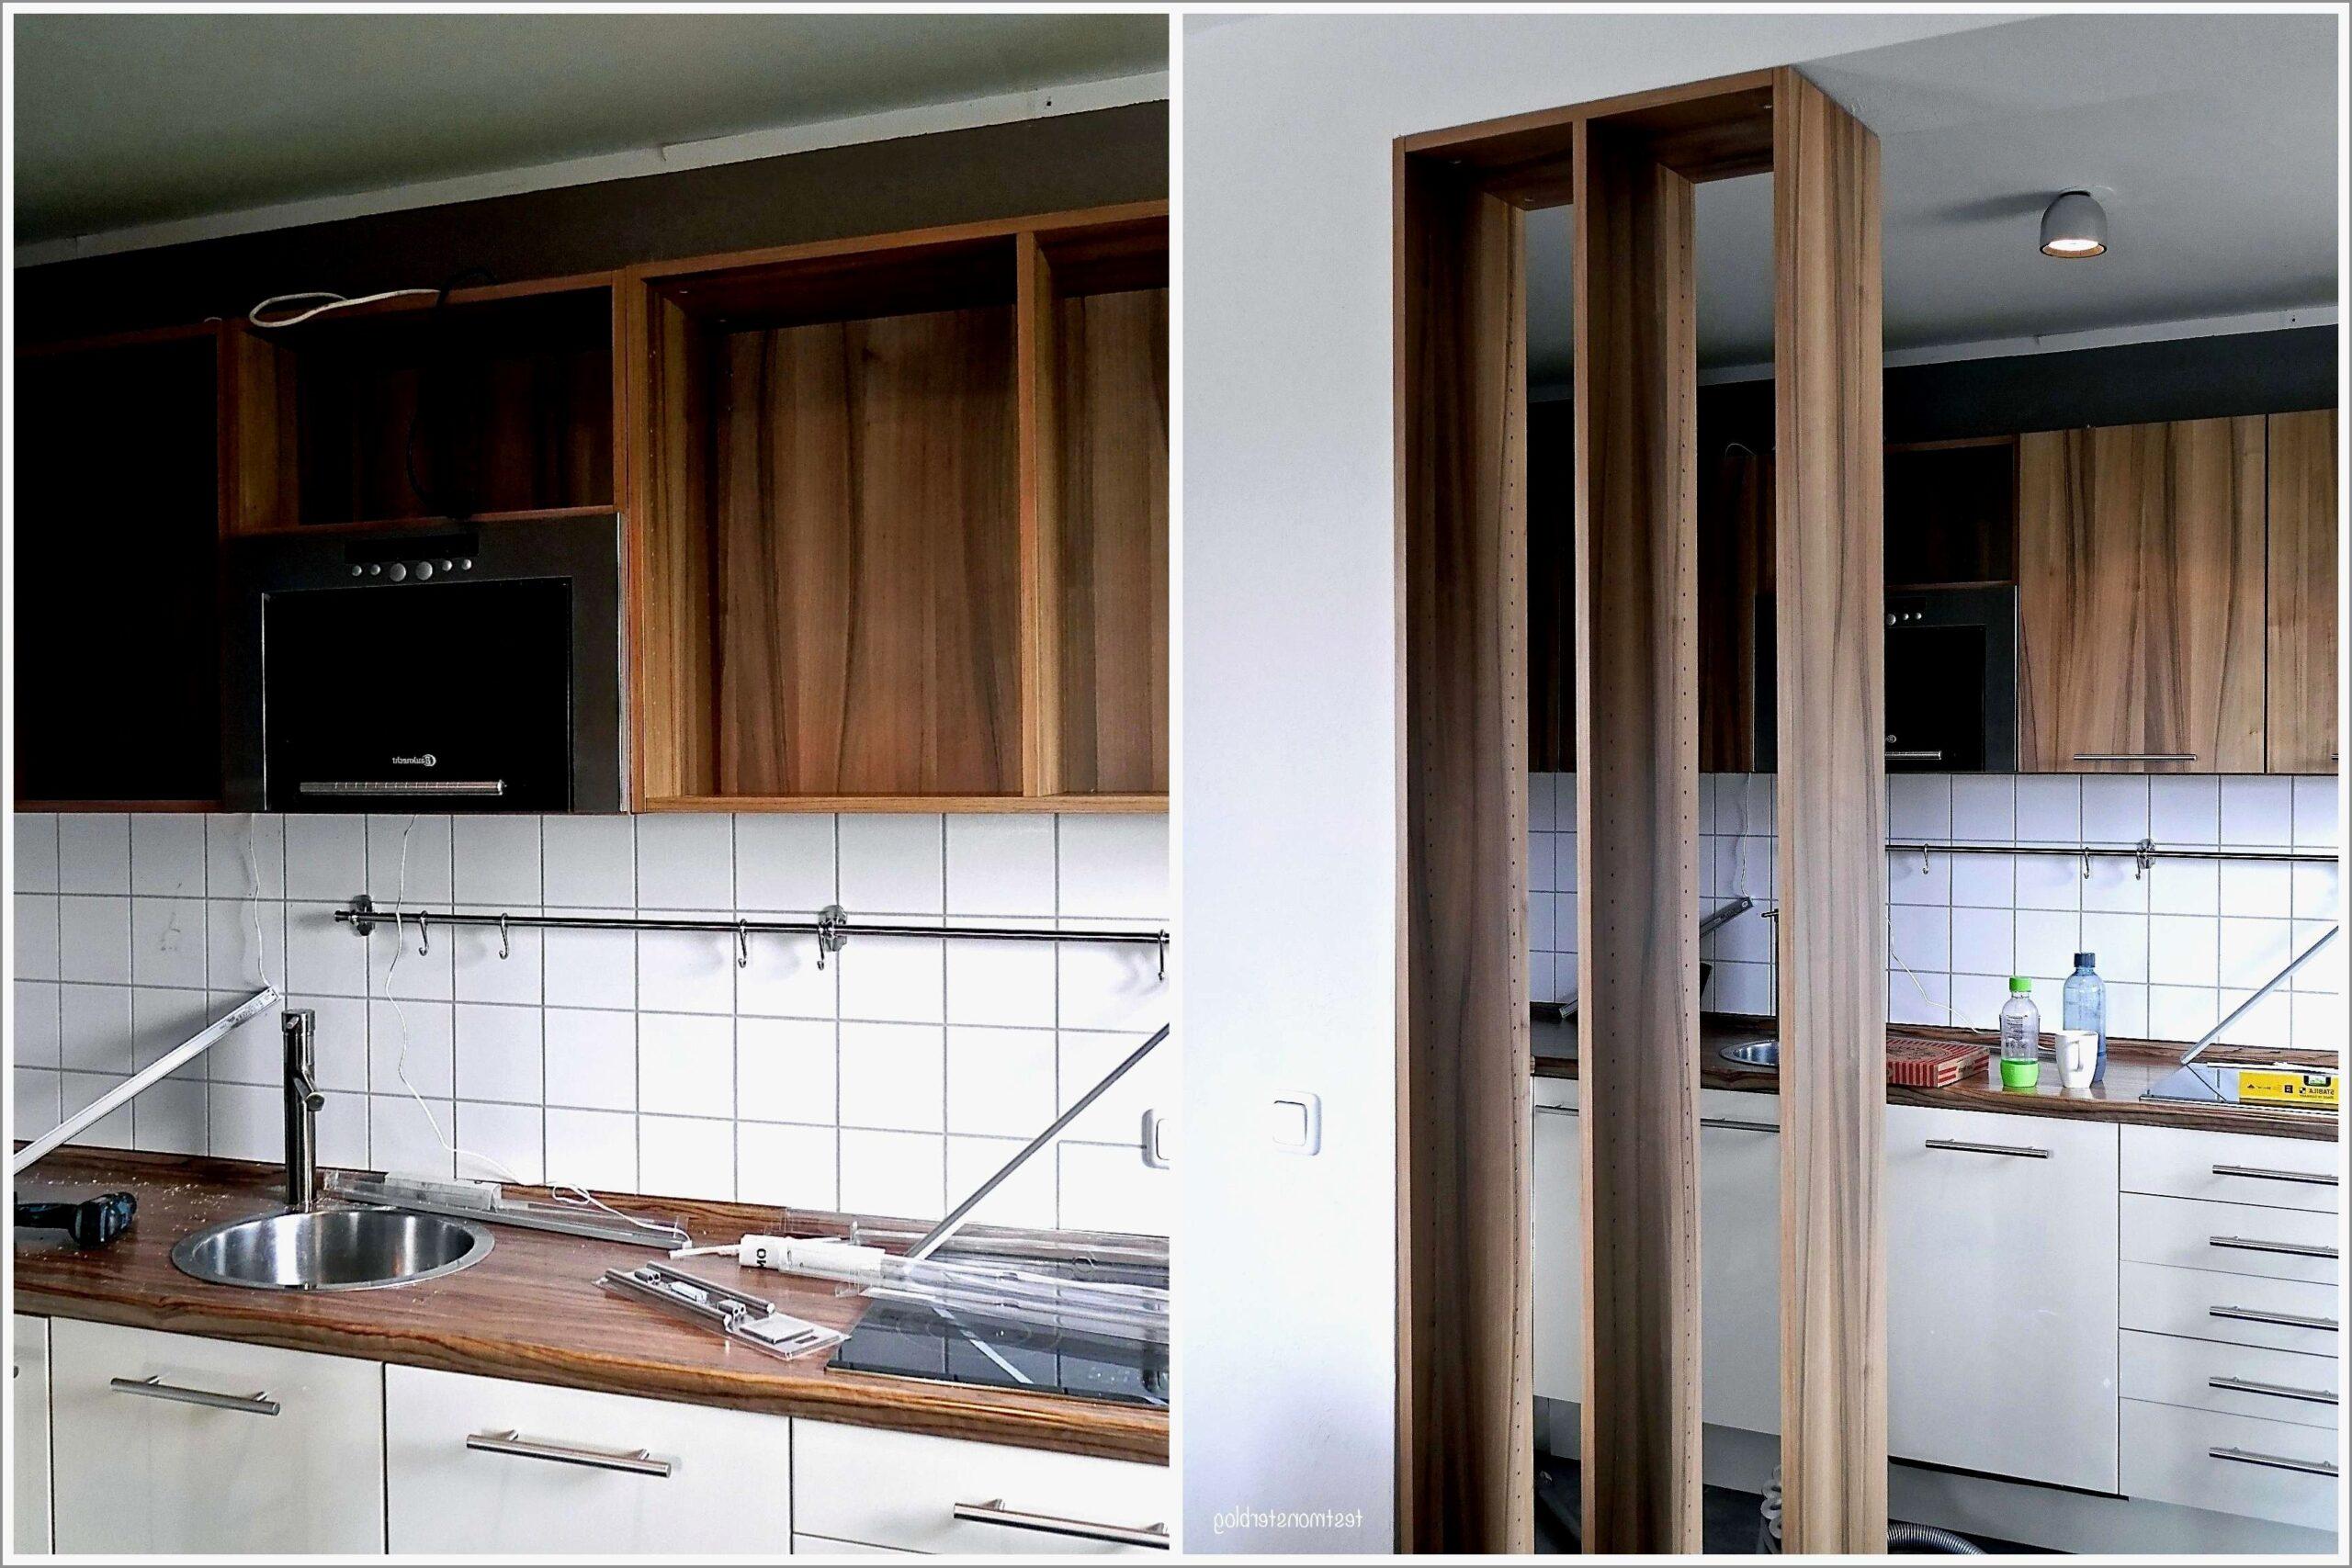 Full Size of Aufsatzschrank Kuche Ikea Küche Kosten Betten Bei 160x200 Edelstahlküche Gebraucht Modulküche Kaufen Sofa Mit Schlaffunktion Miniküche Wohnzimmer Ikea Edelstahlküche